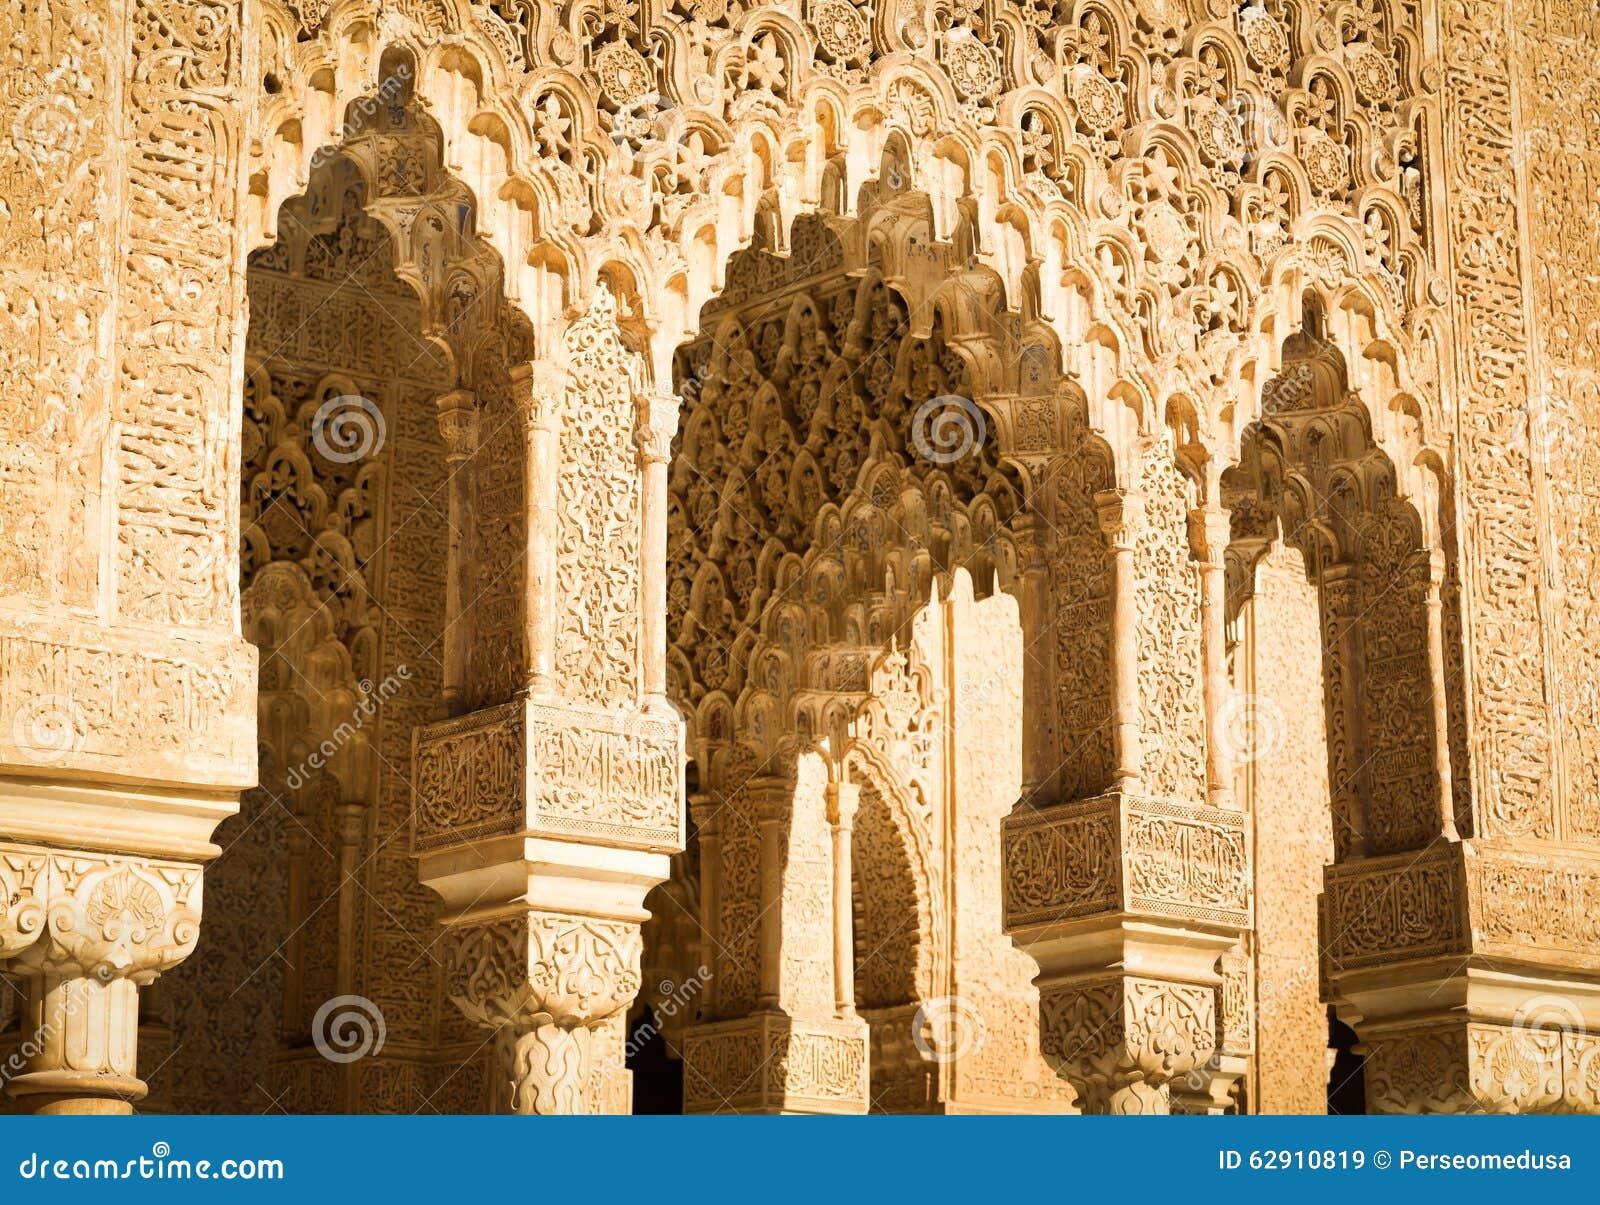 伊斯兰教的宫殿内部图片